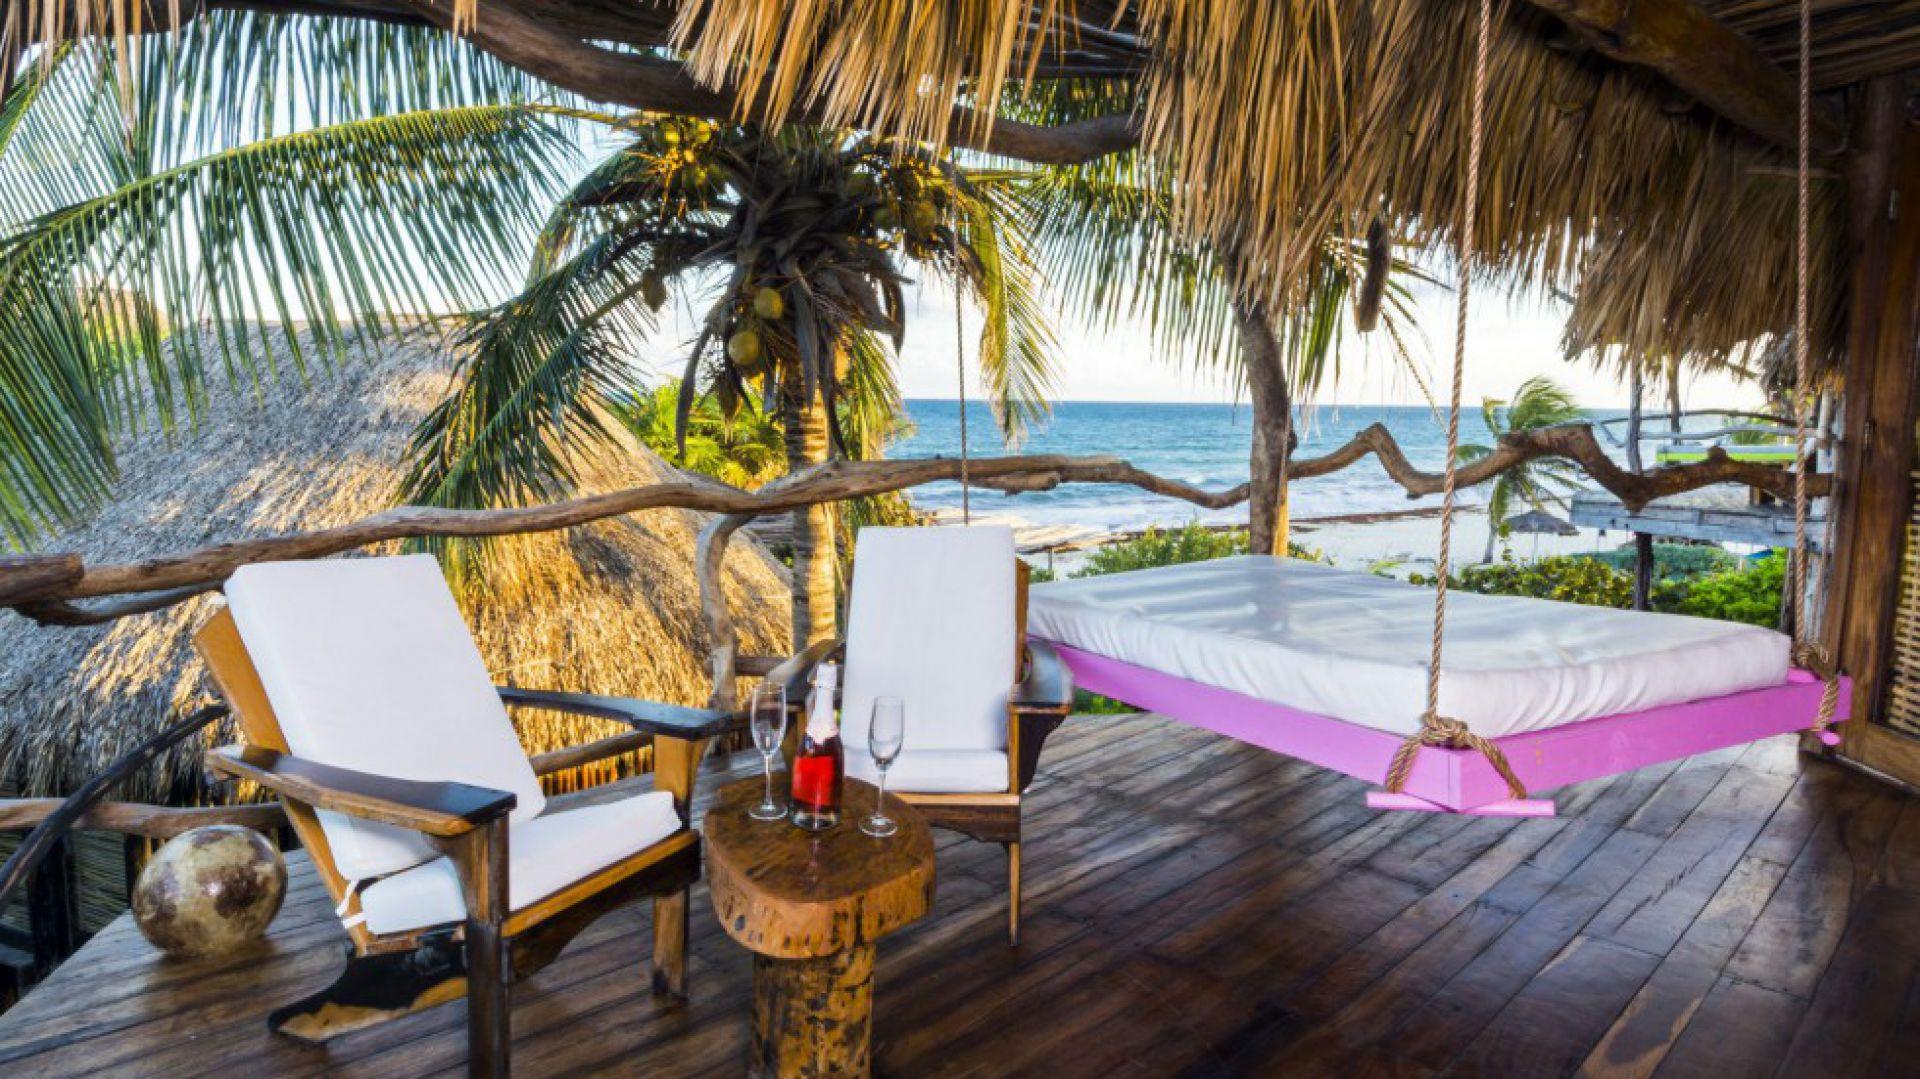 Huśtawka w gałęziach drzew, ponad morzem. Azulik - Adults Eco-Resort & Maya Spa, Tulum – Meksyk fot. źródło: hotels.com